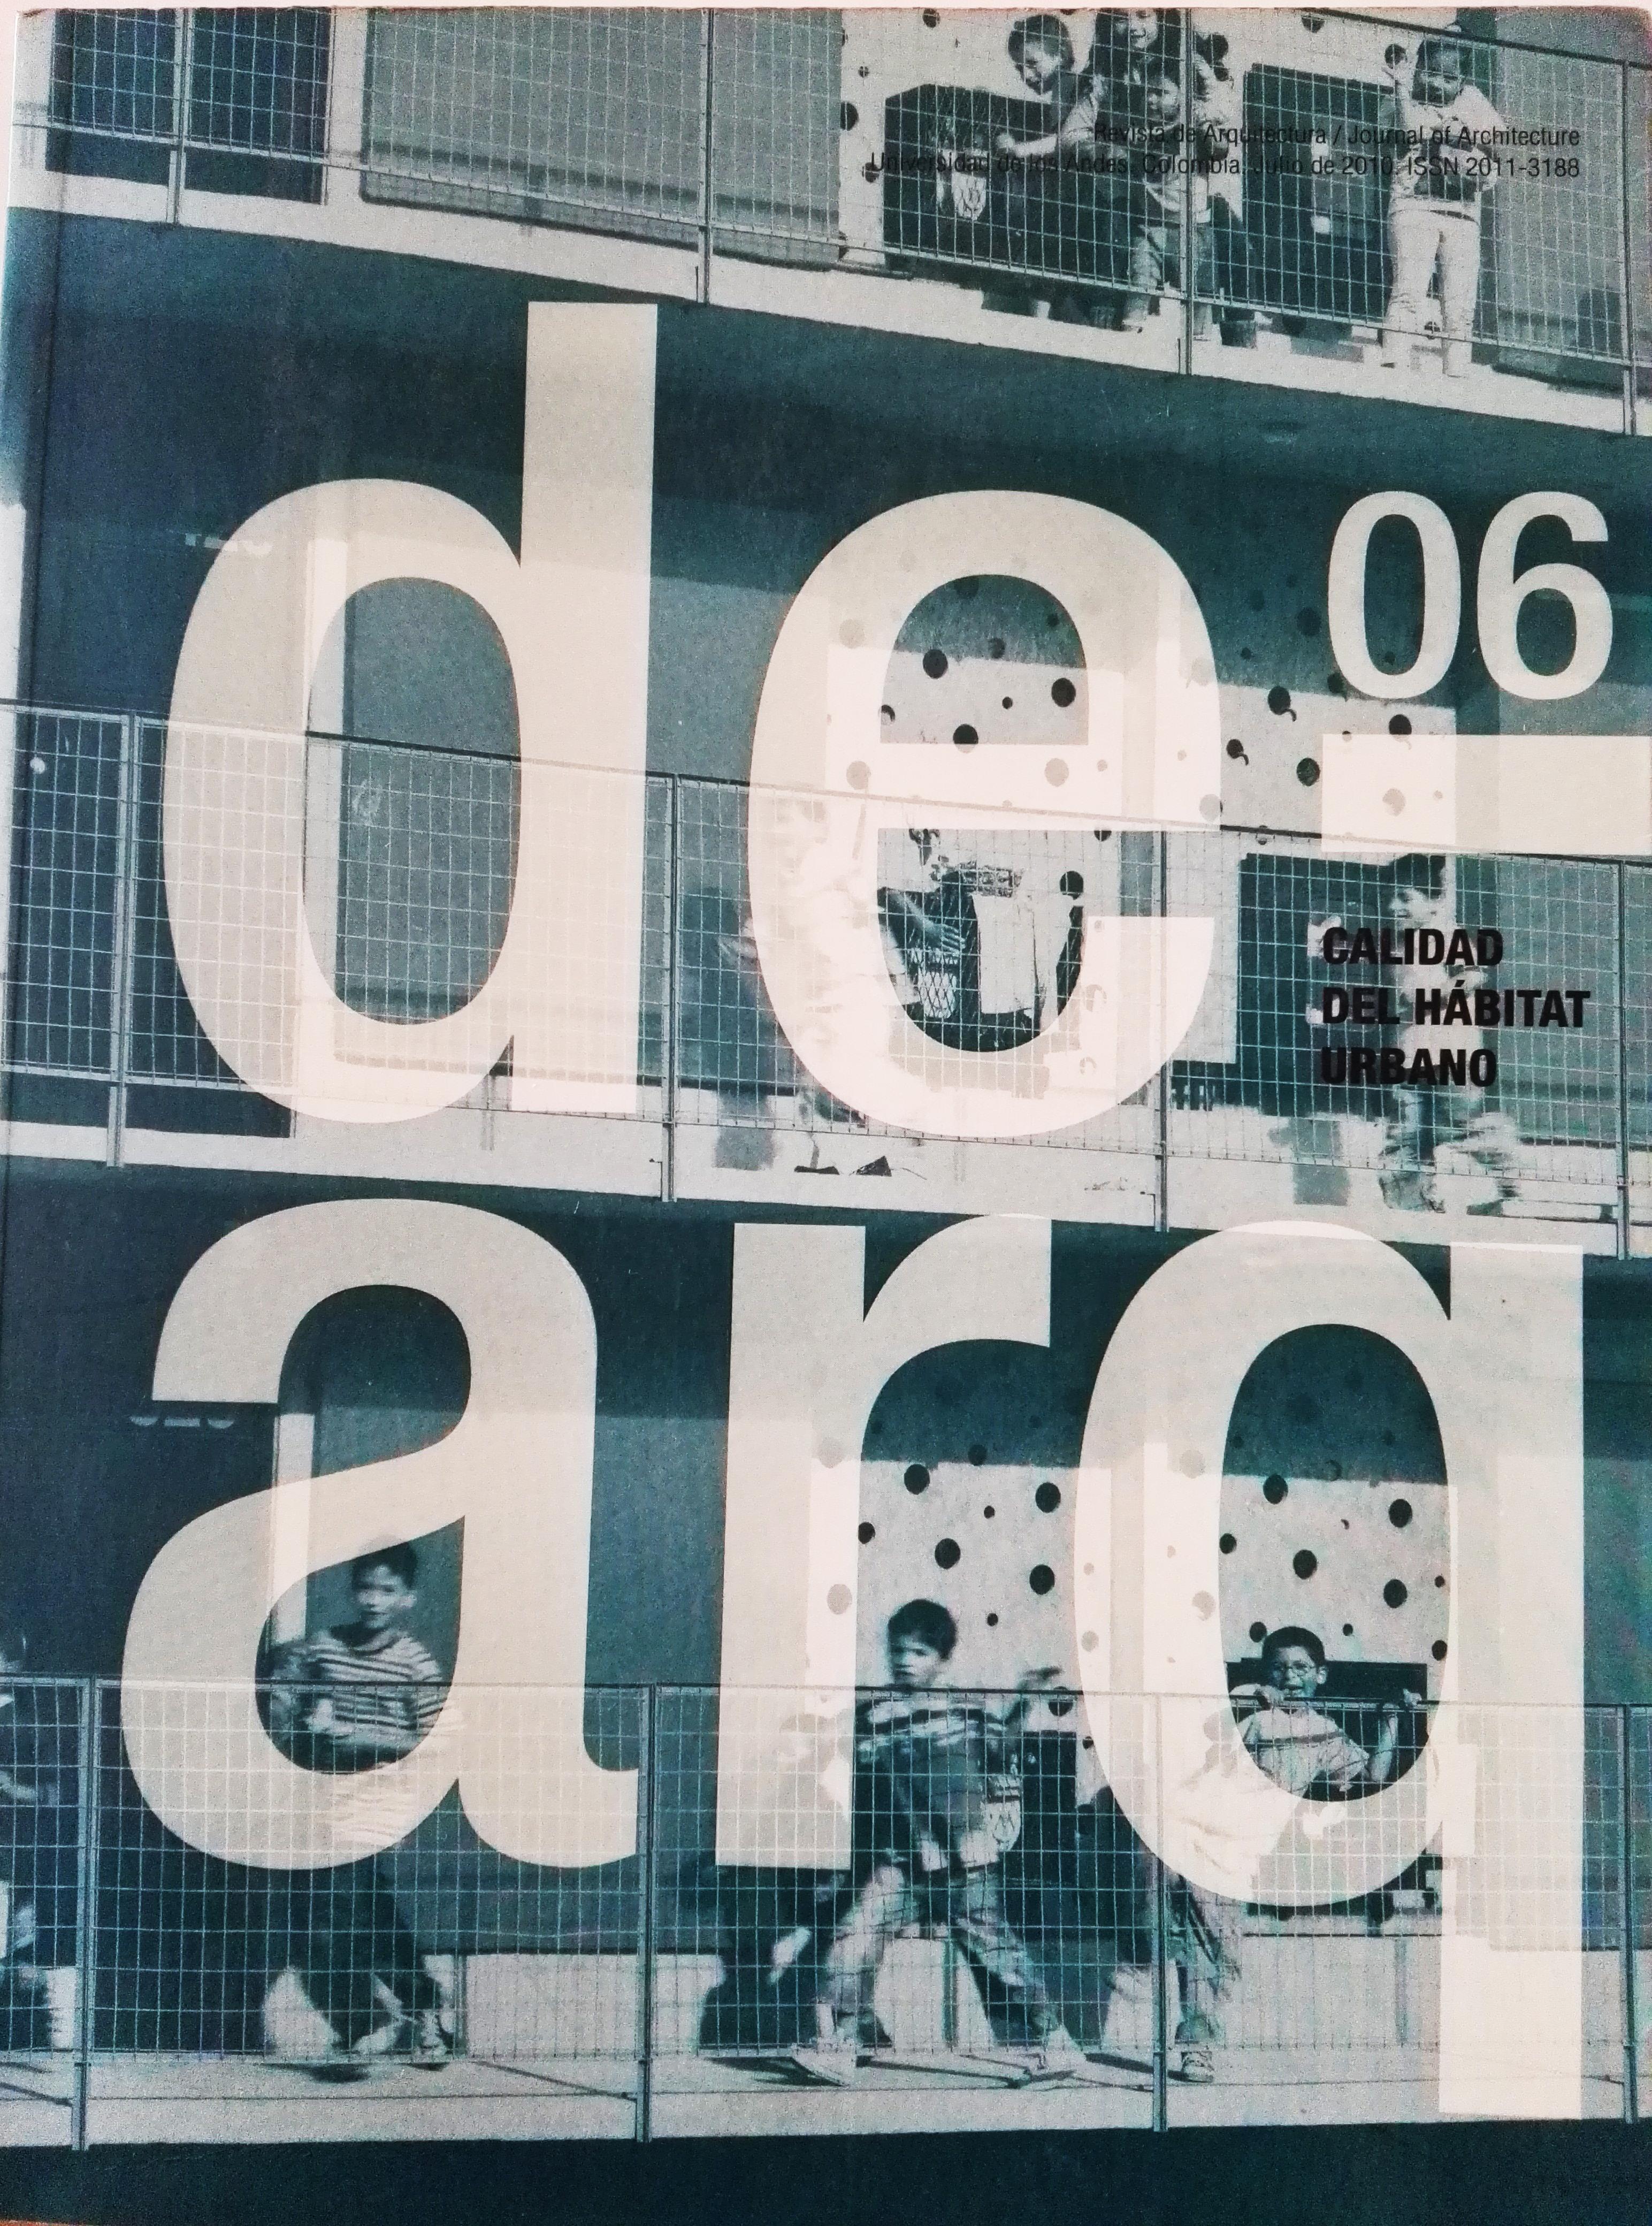 DEARQ 06  02